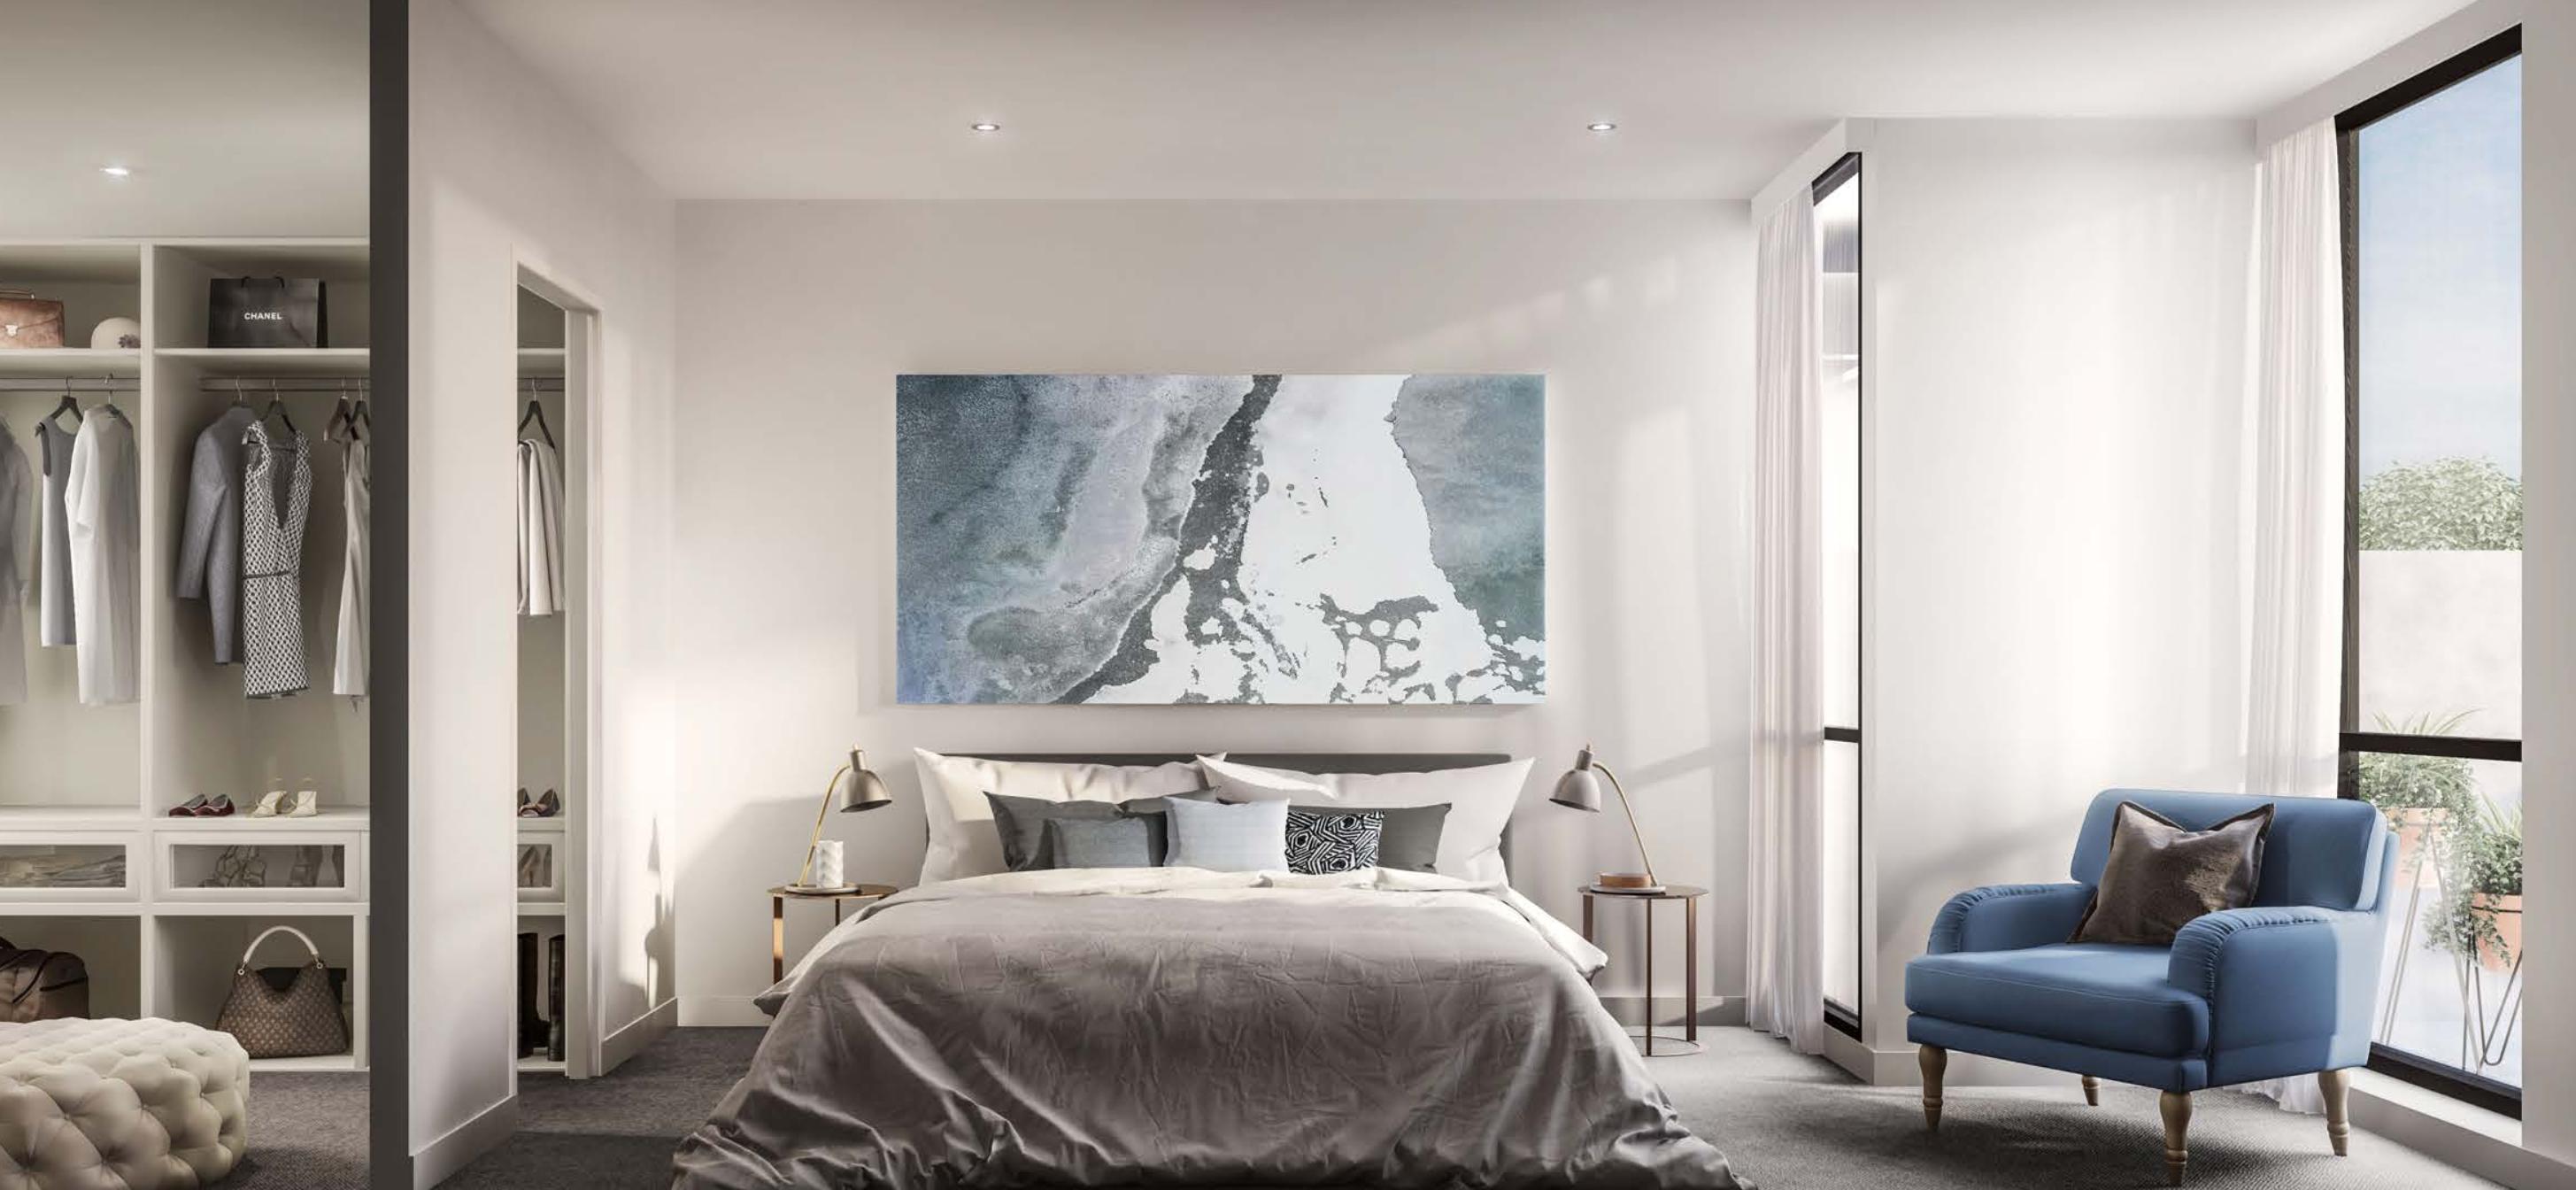 Chronicle - Bedroom